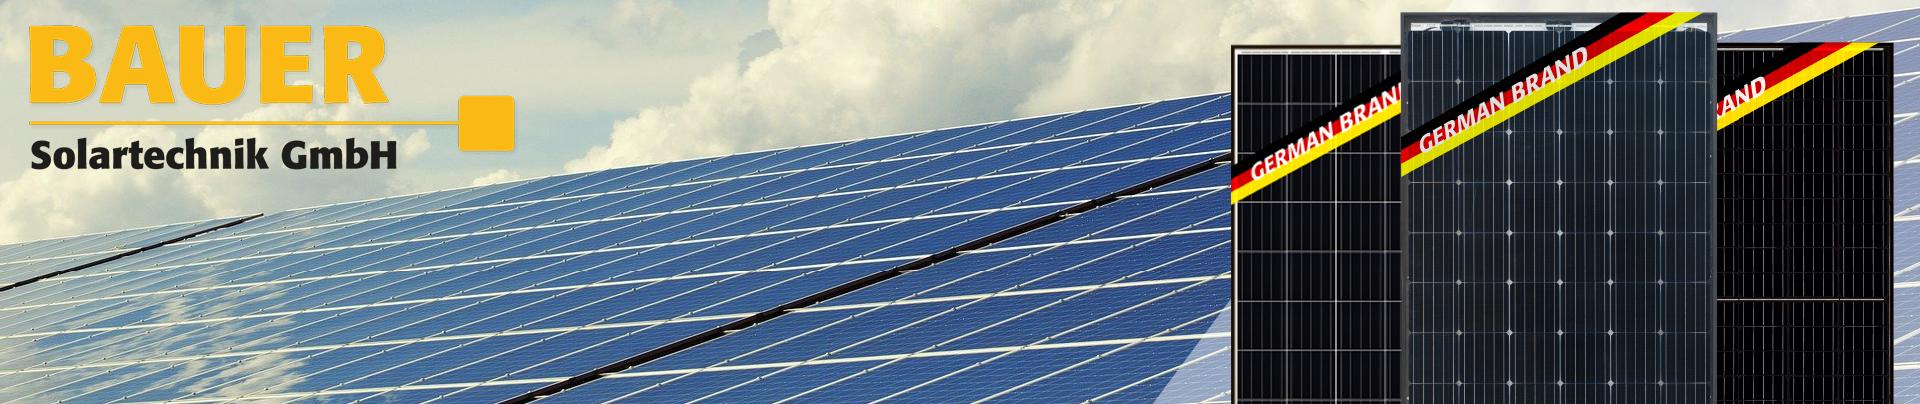 Hersteller Bauer Solartechnik